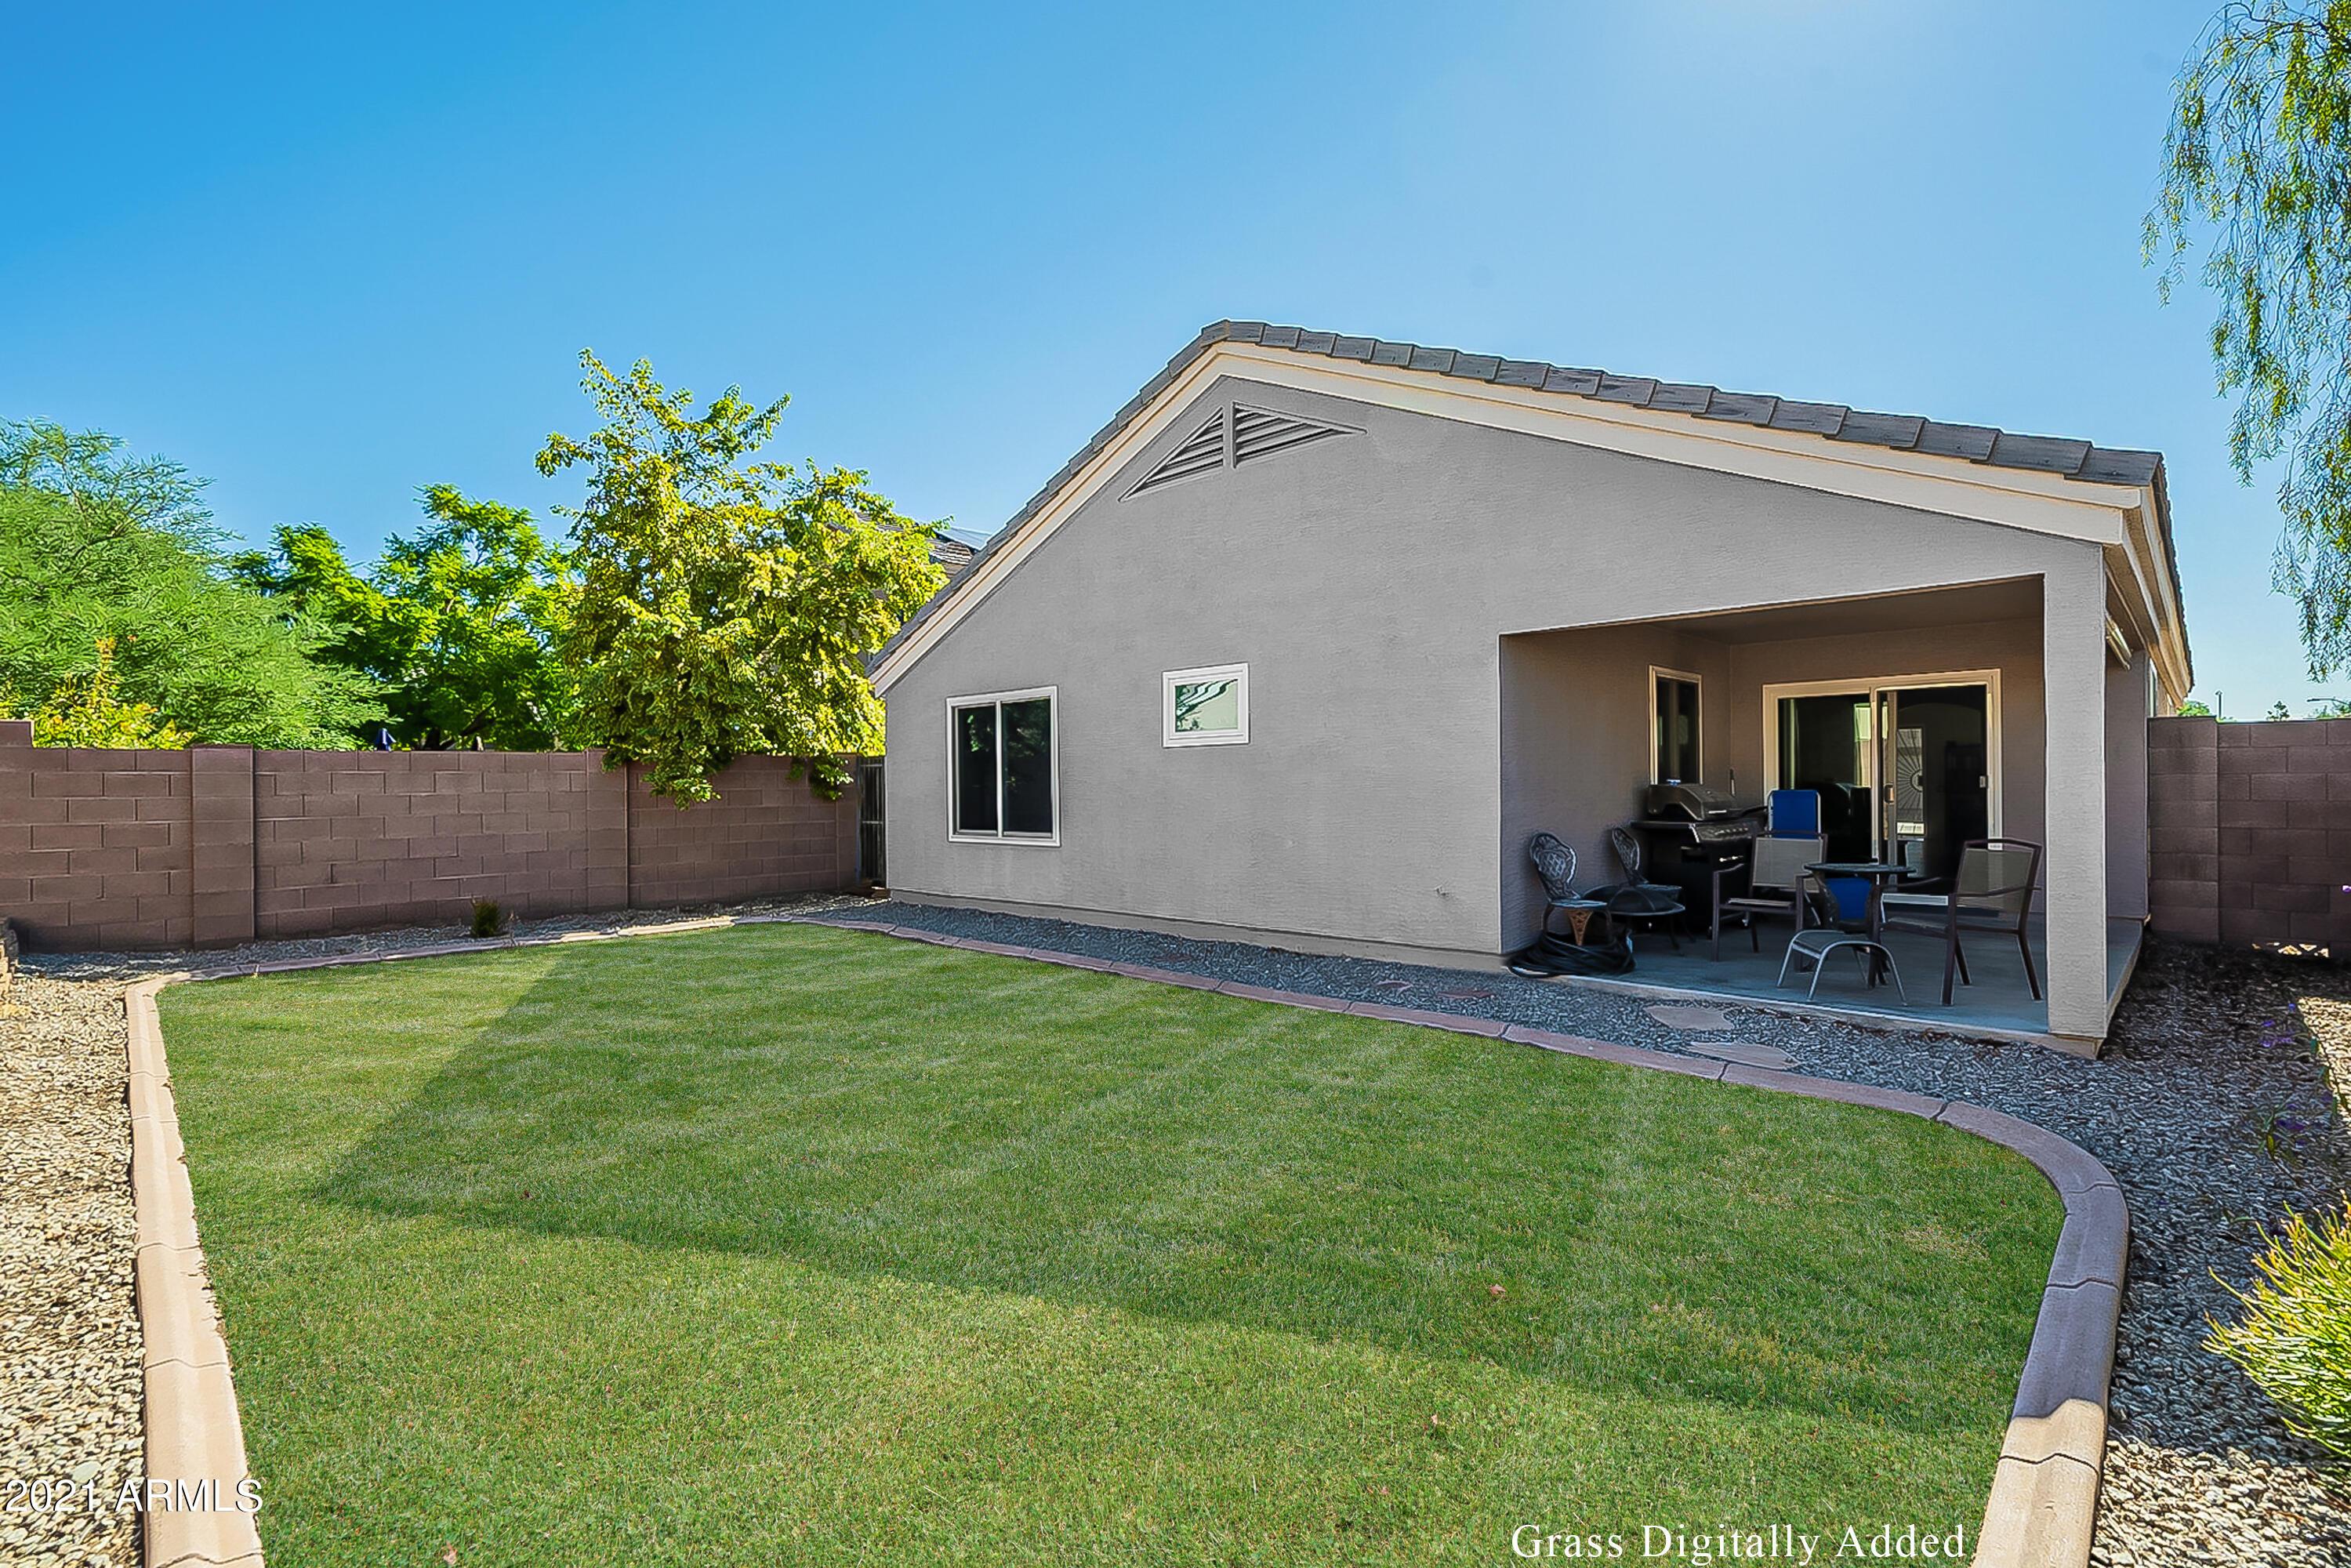 MLS 6308014 12570 W LISBON Lane, El Mirage, AZ 85335 El Mirage AZ Single-Story